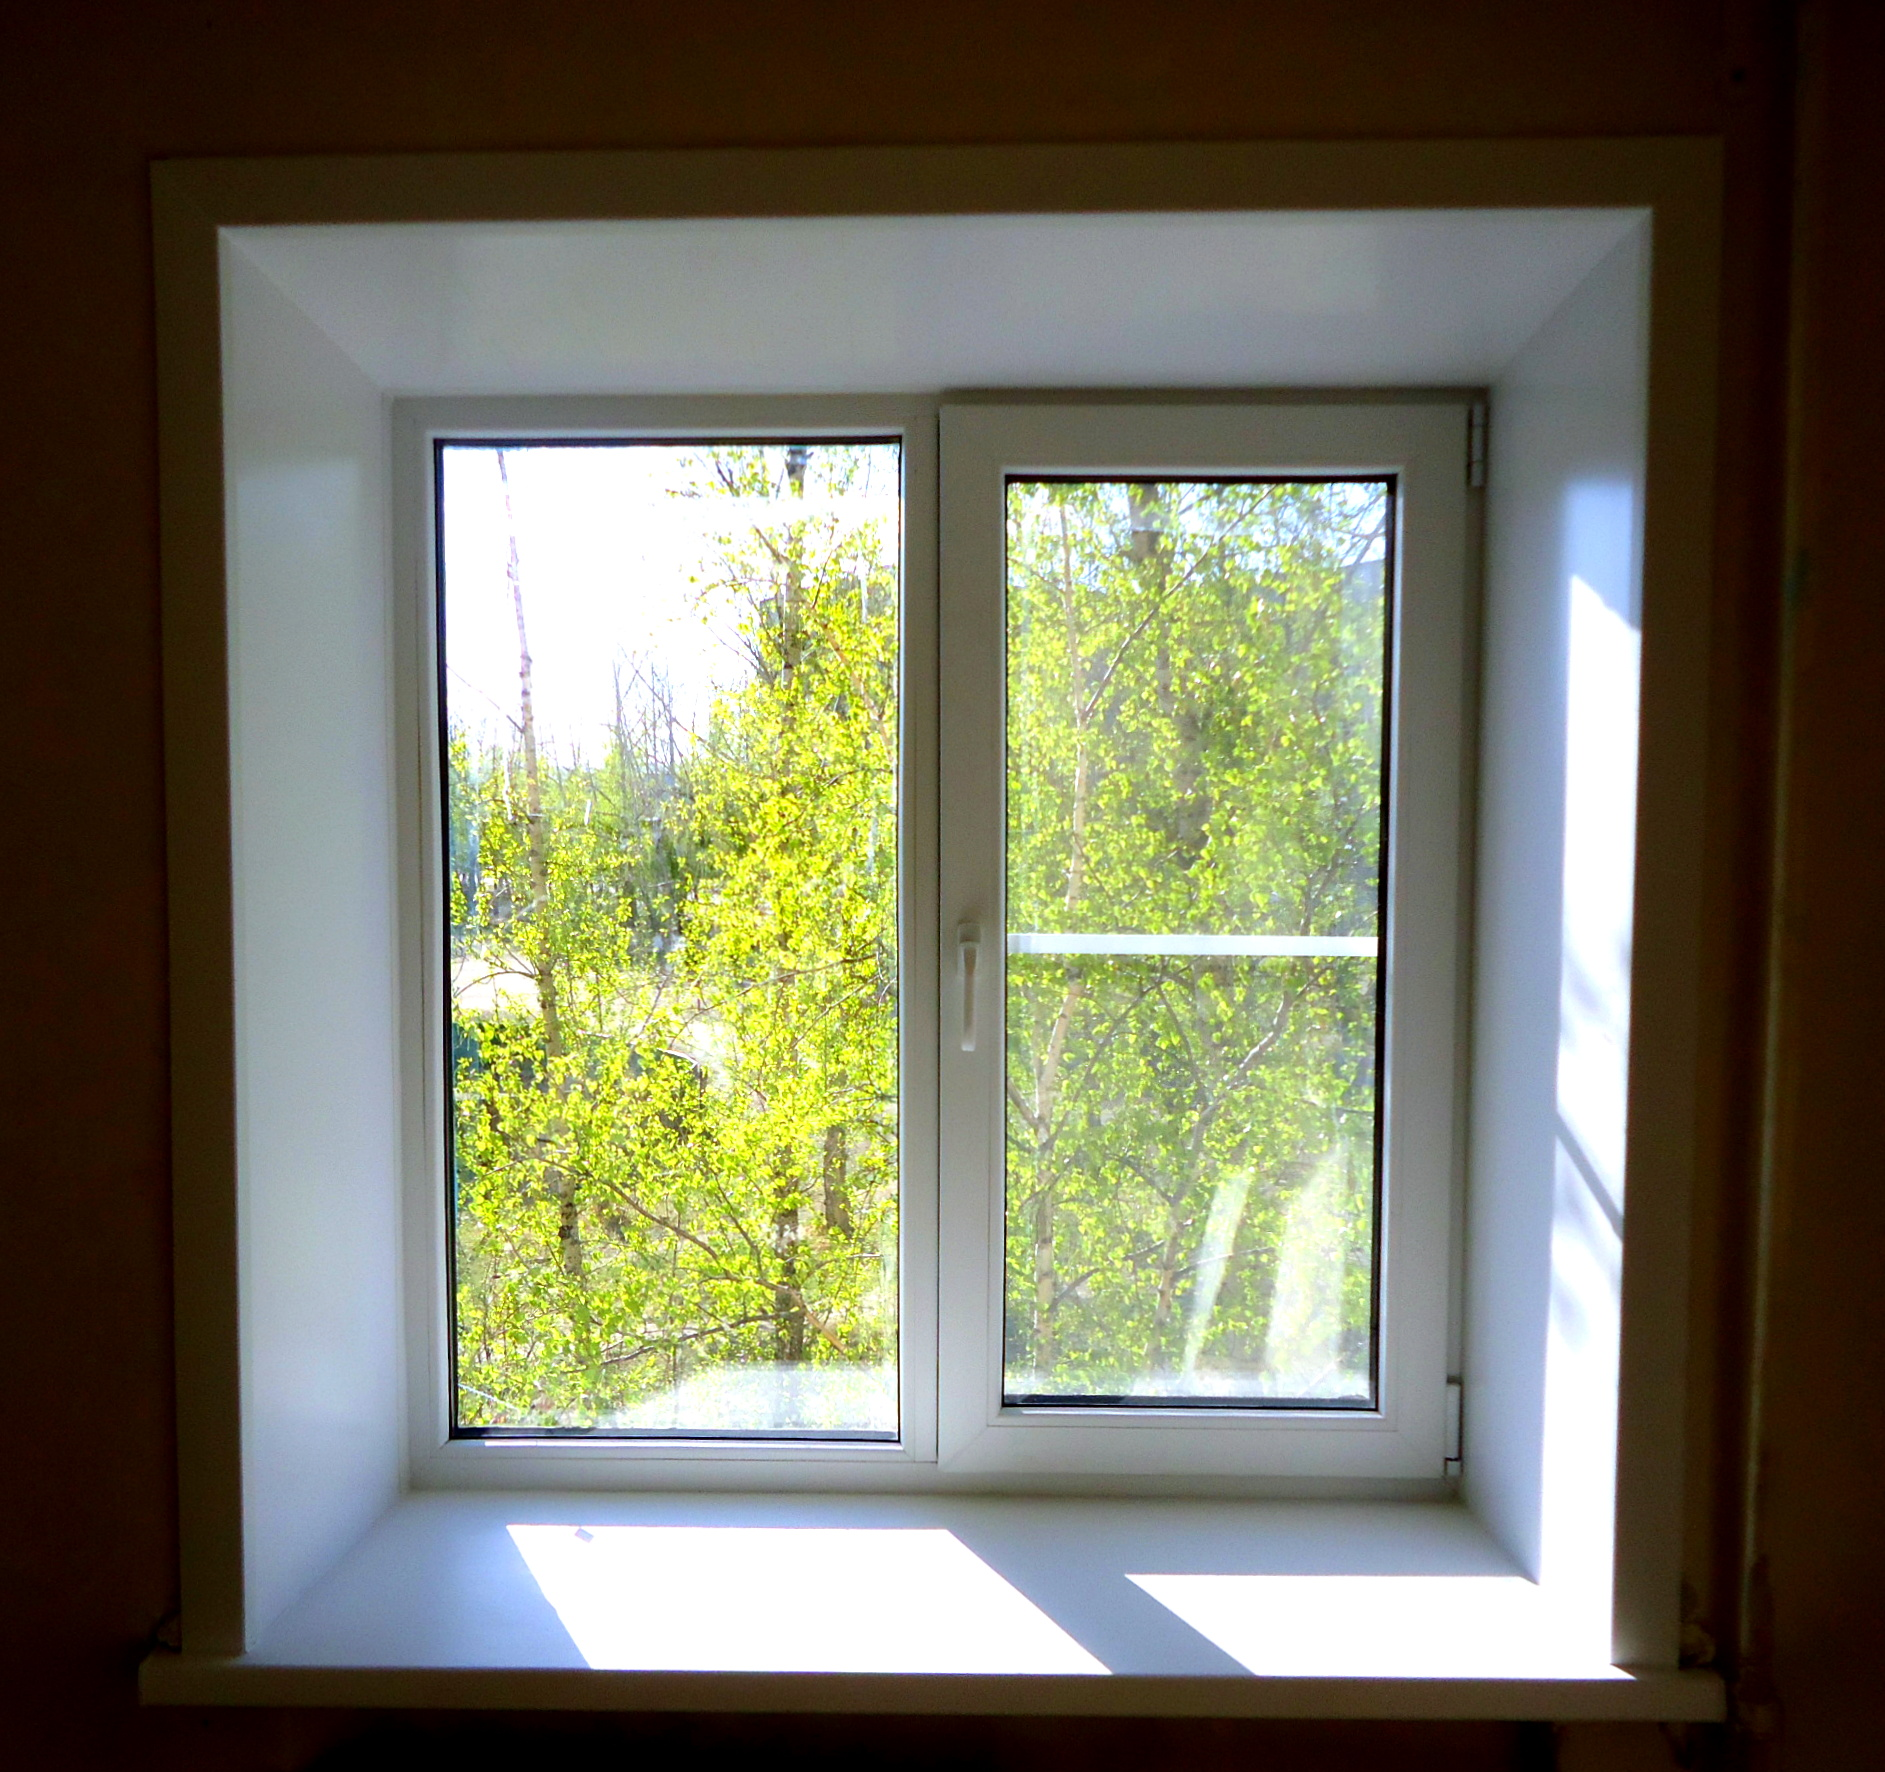 окно двустворчатое.Кирпич